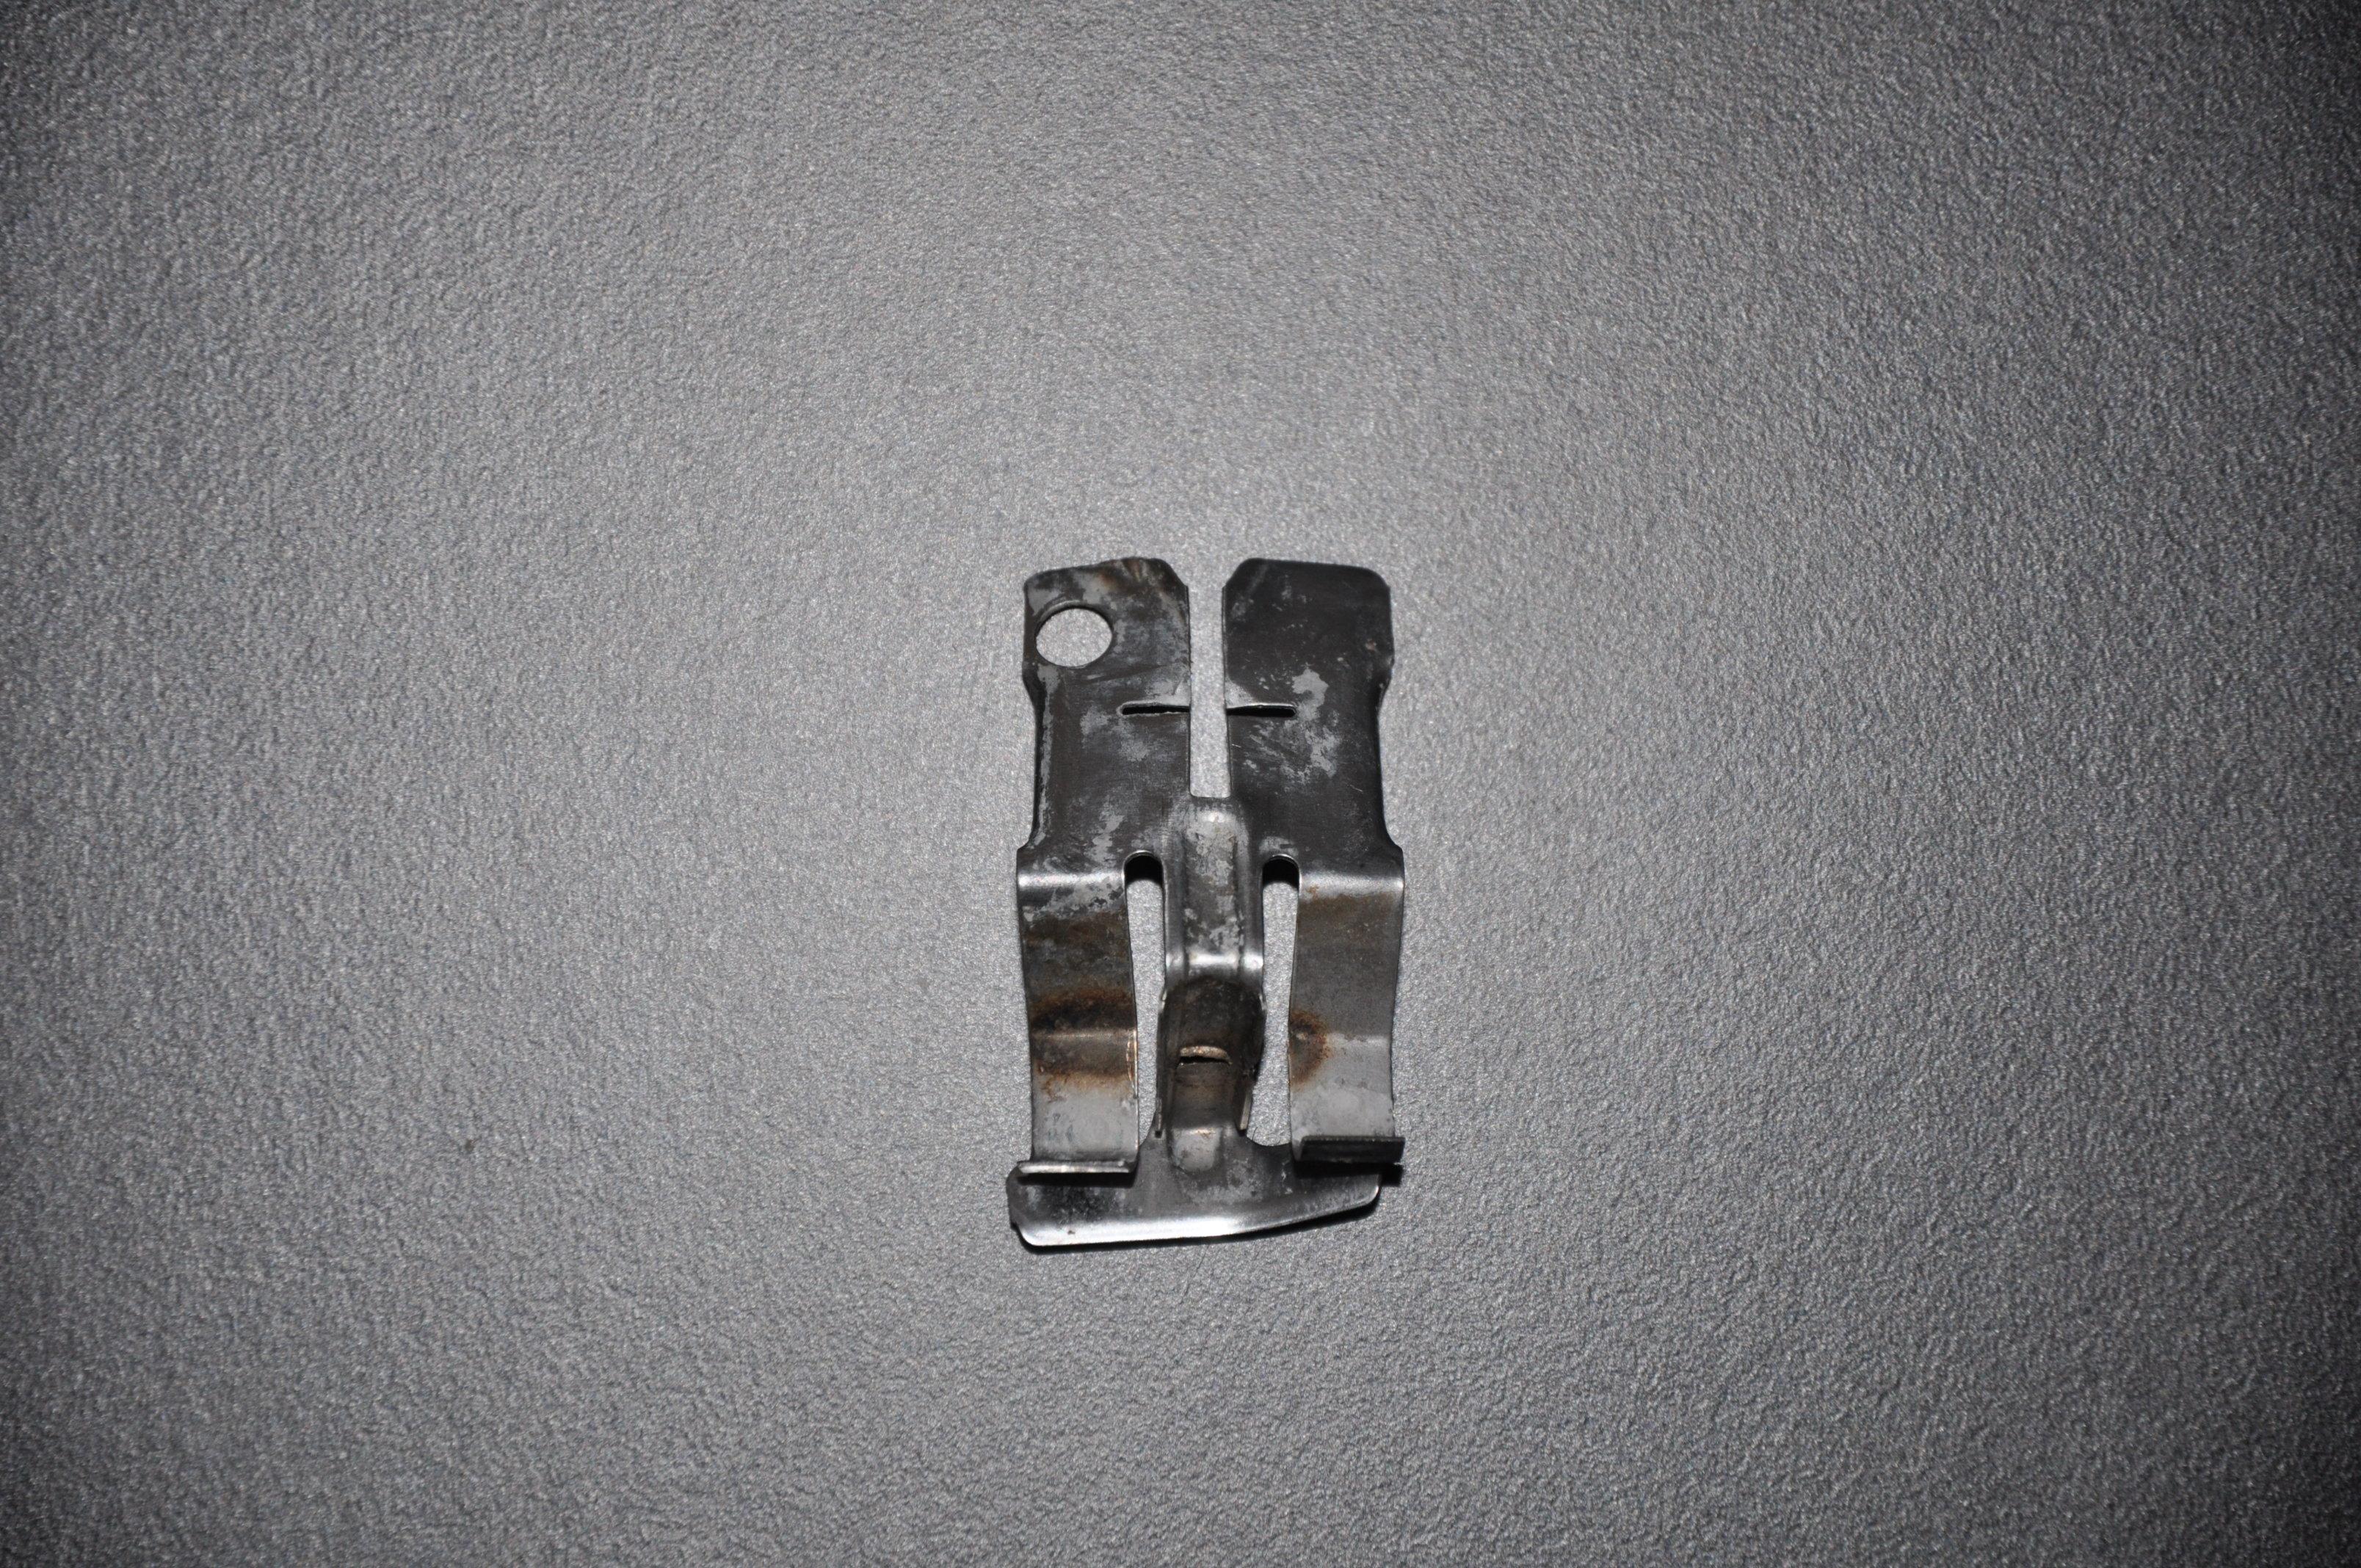 Siemens R10.15 - niezidentyfikowany element w b�bnie